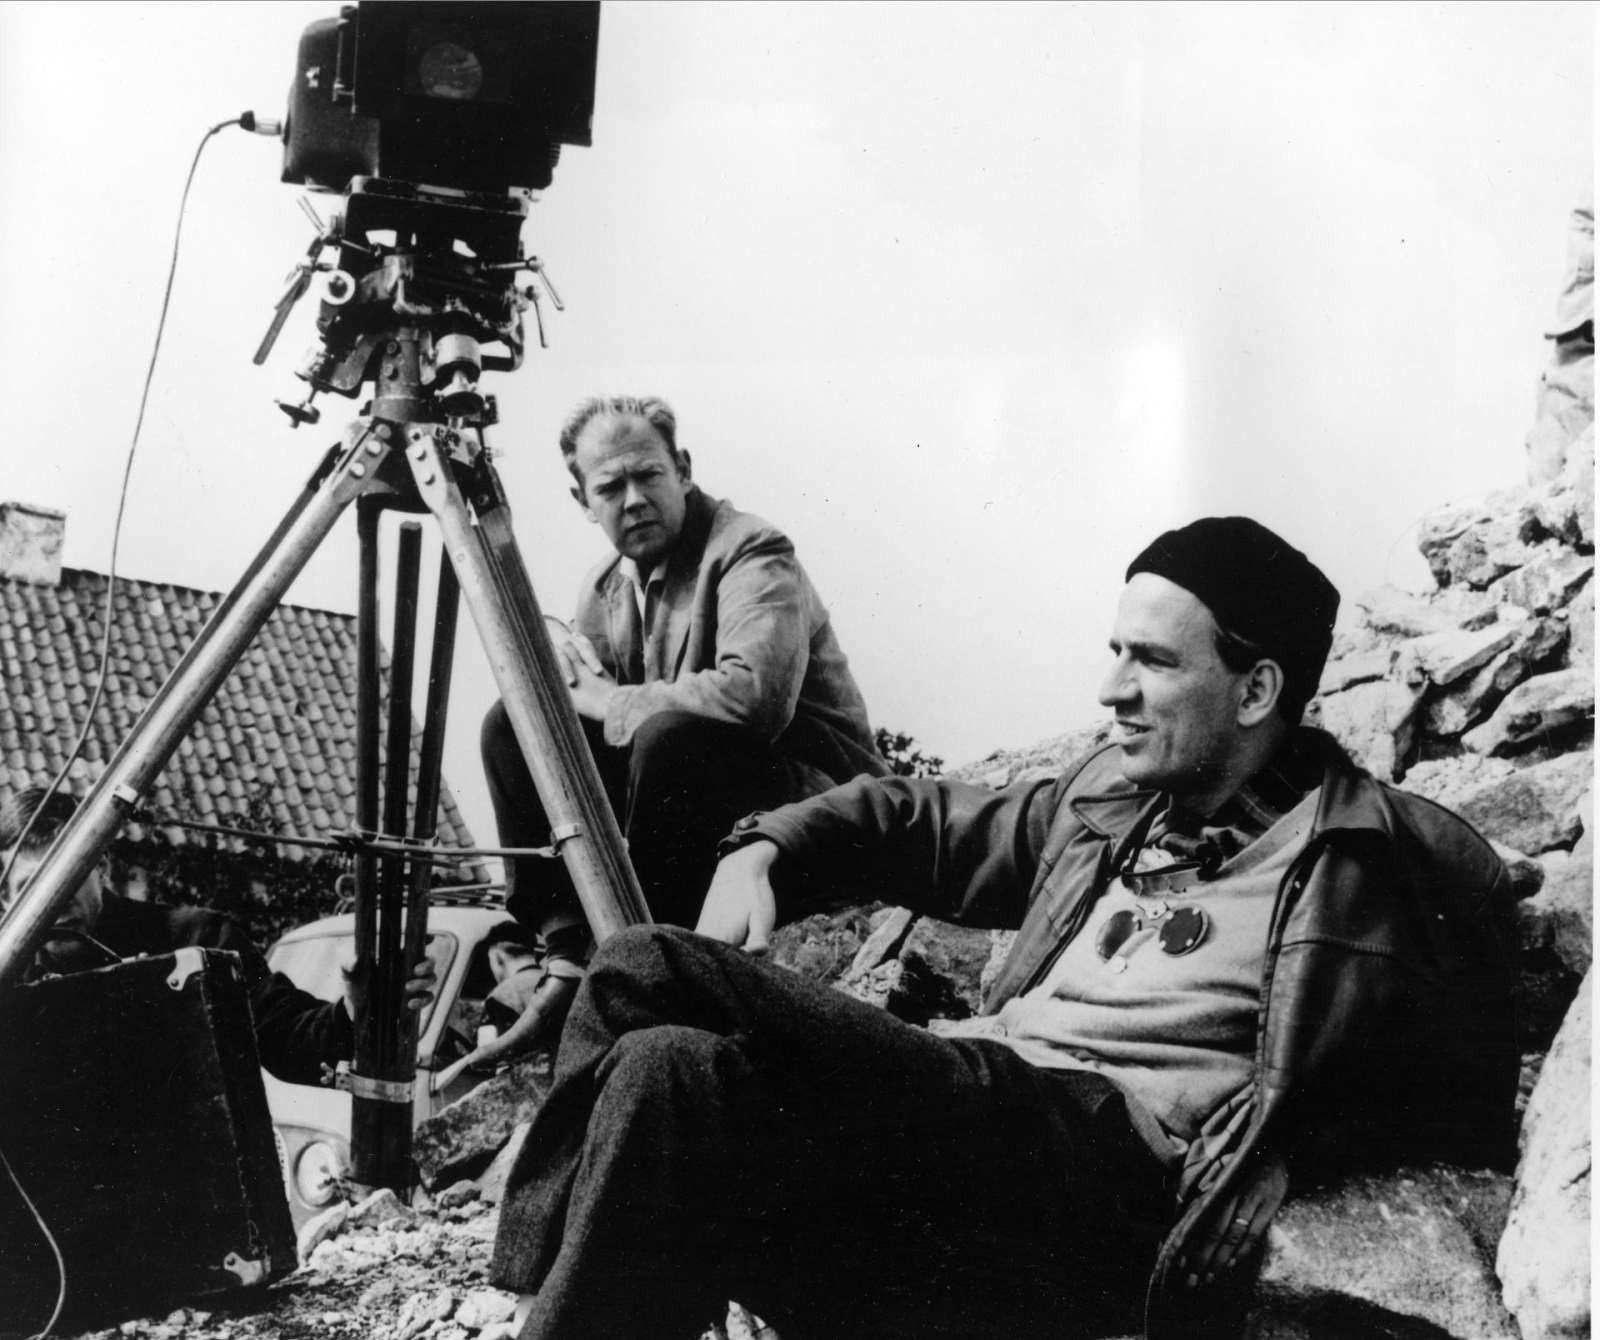 Ingmar Bergman & Fårö